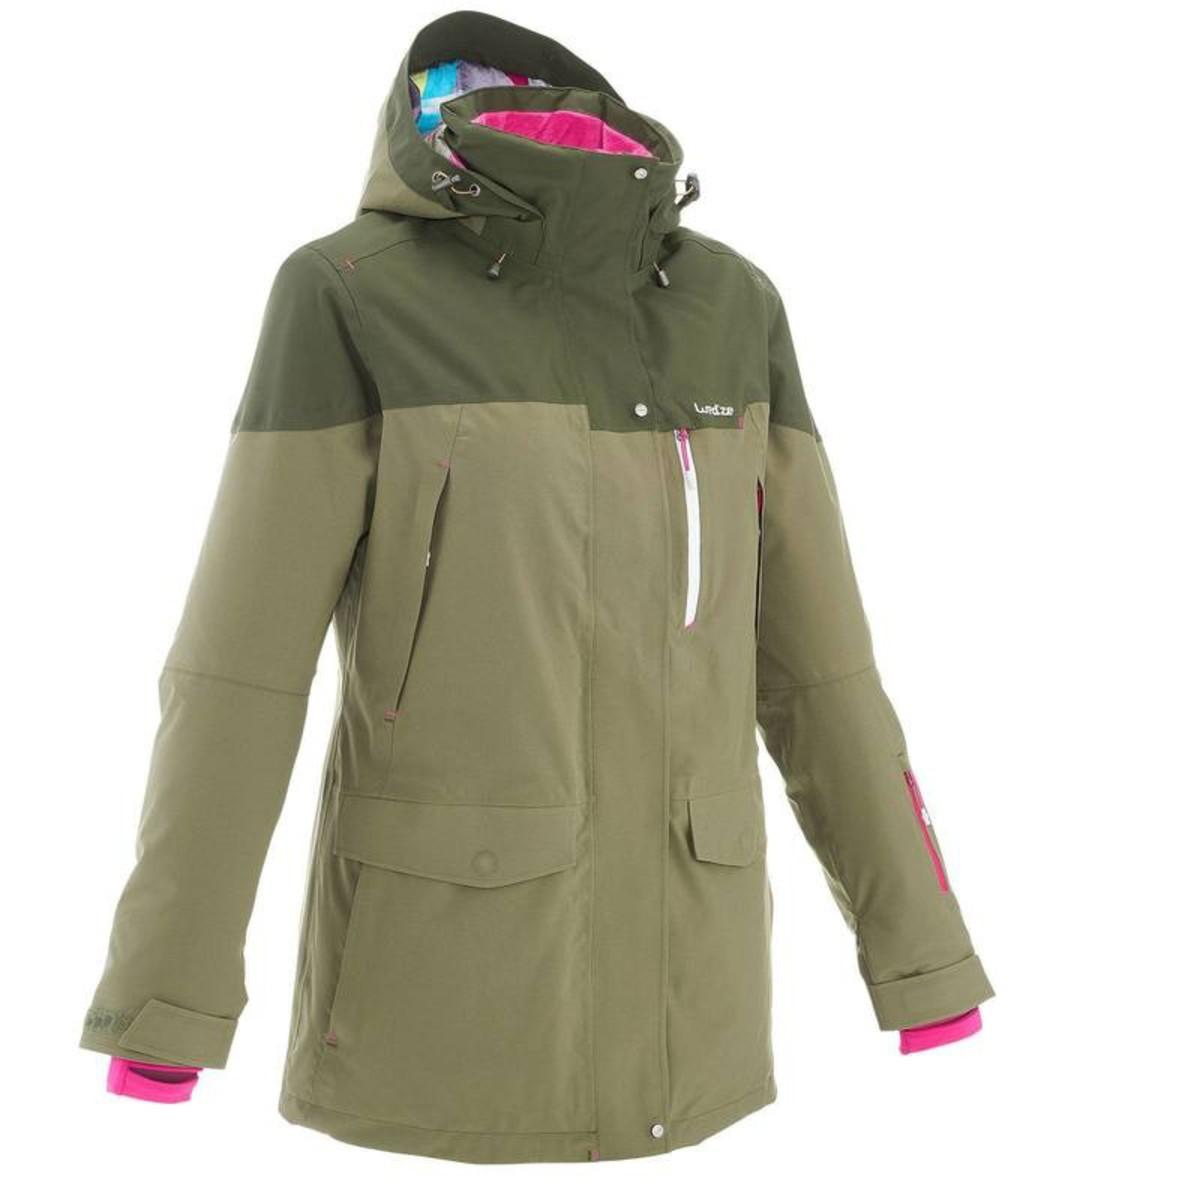 Bild 2 von WED´ZE Skijacke Free 700 Damen grün, Größe: XS